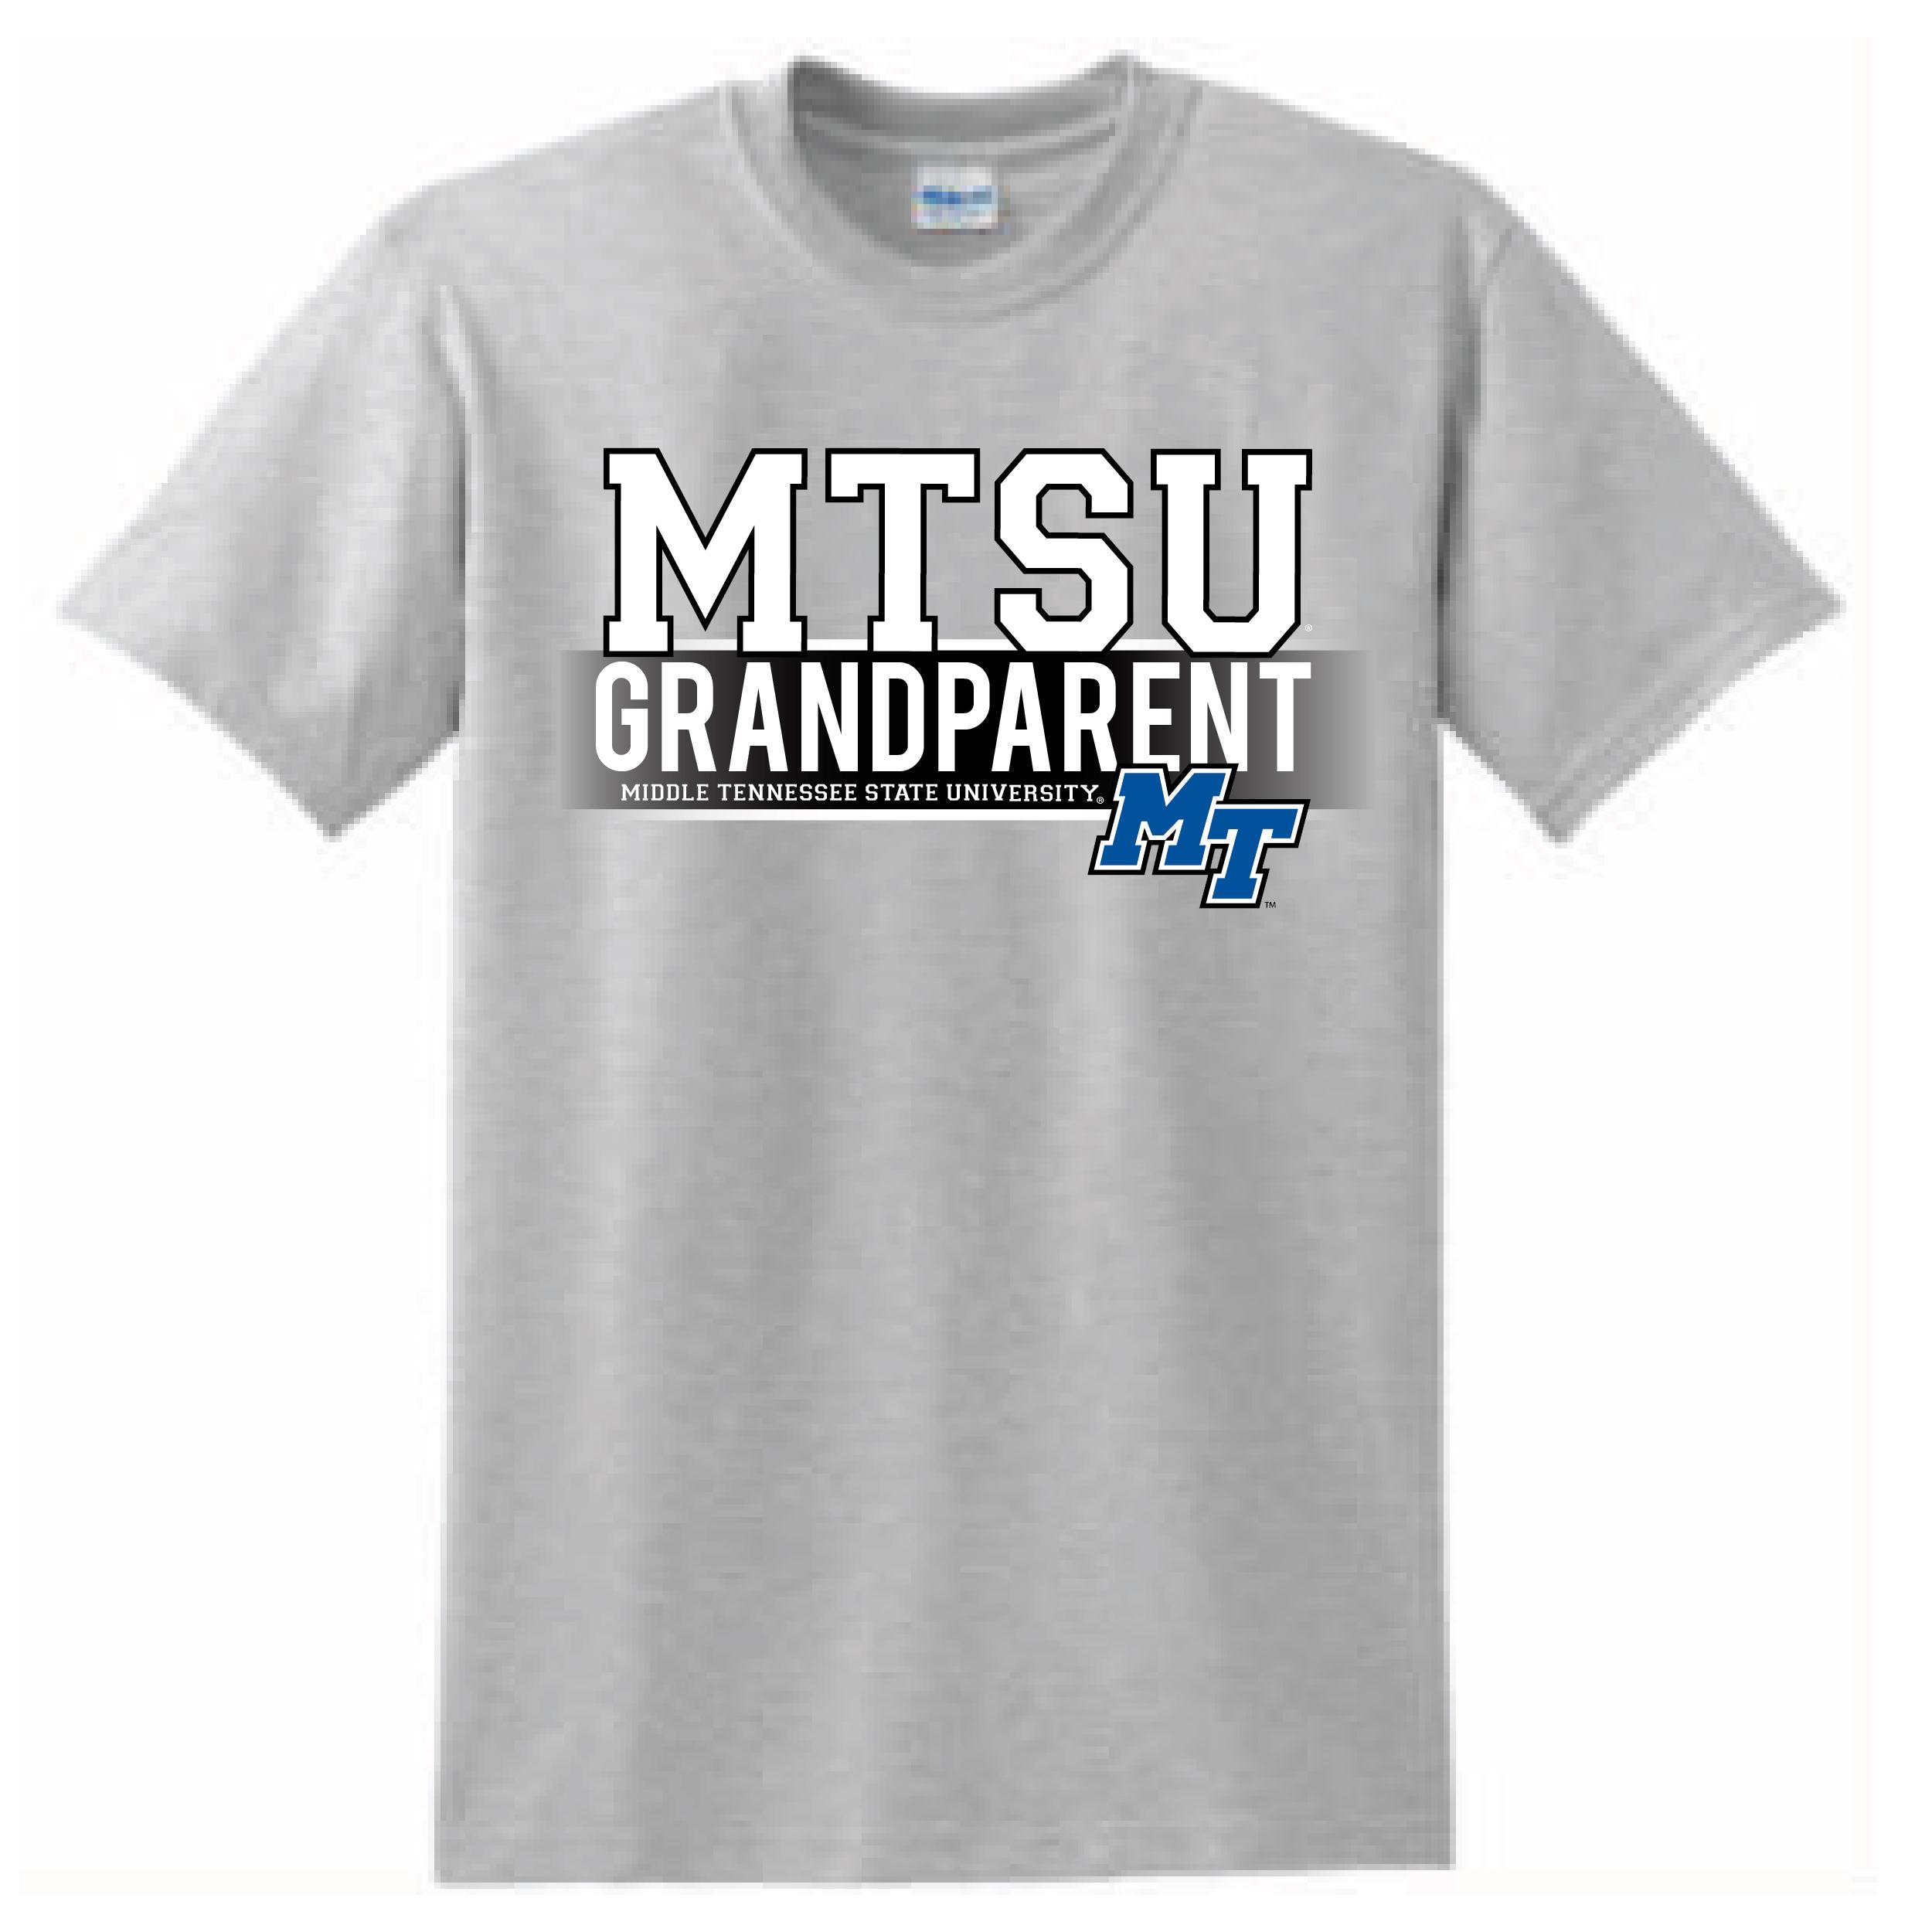 MTSU Grandparent Tshirt